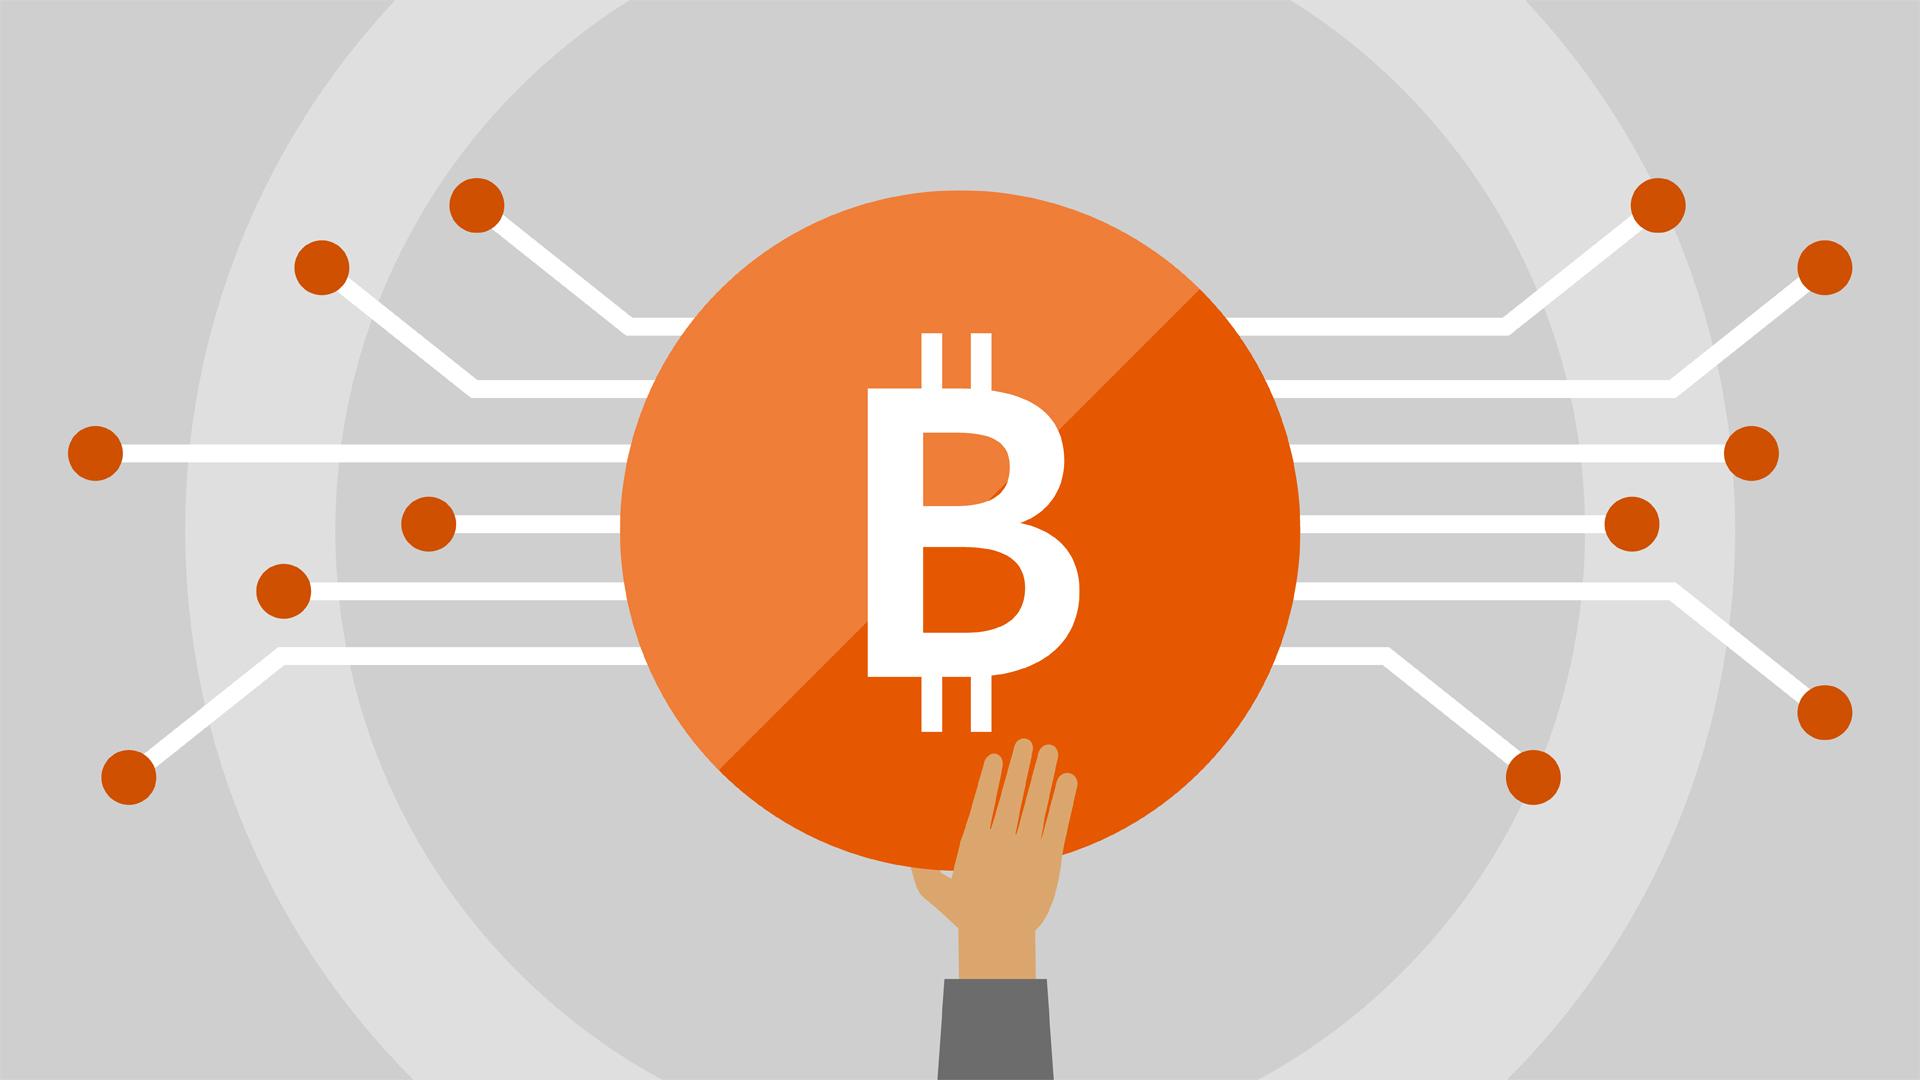 El precio de Bitcoin sigue fluctuando hacia abajo, aun a pesar de su breve recuperación por encima de la berrera de los 8000 US$ hace unos días,  qué significa esto para los inversores es la pregunta que todos nos hacemos.